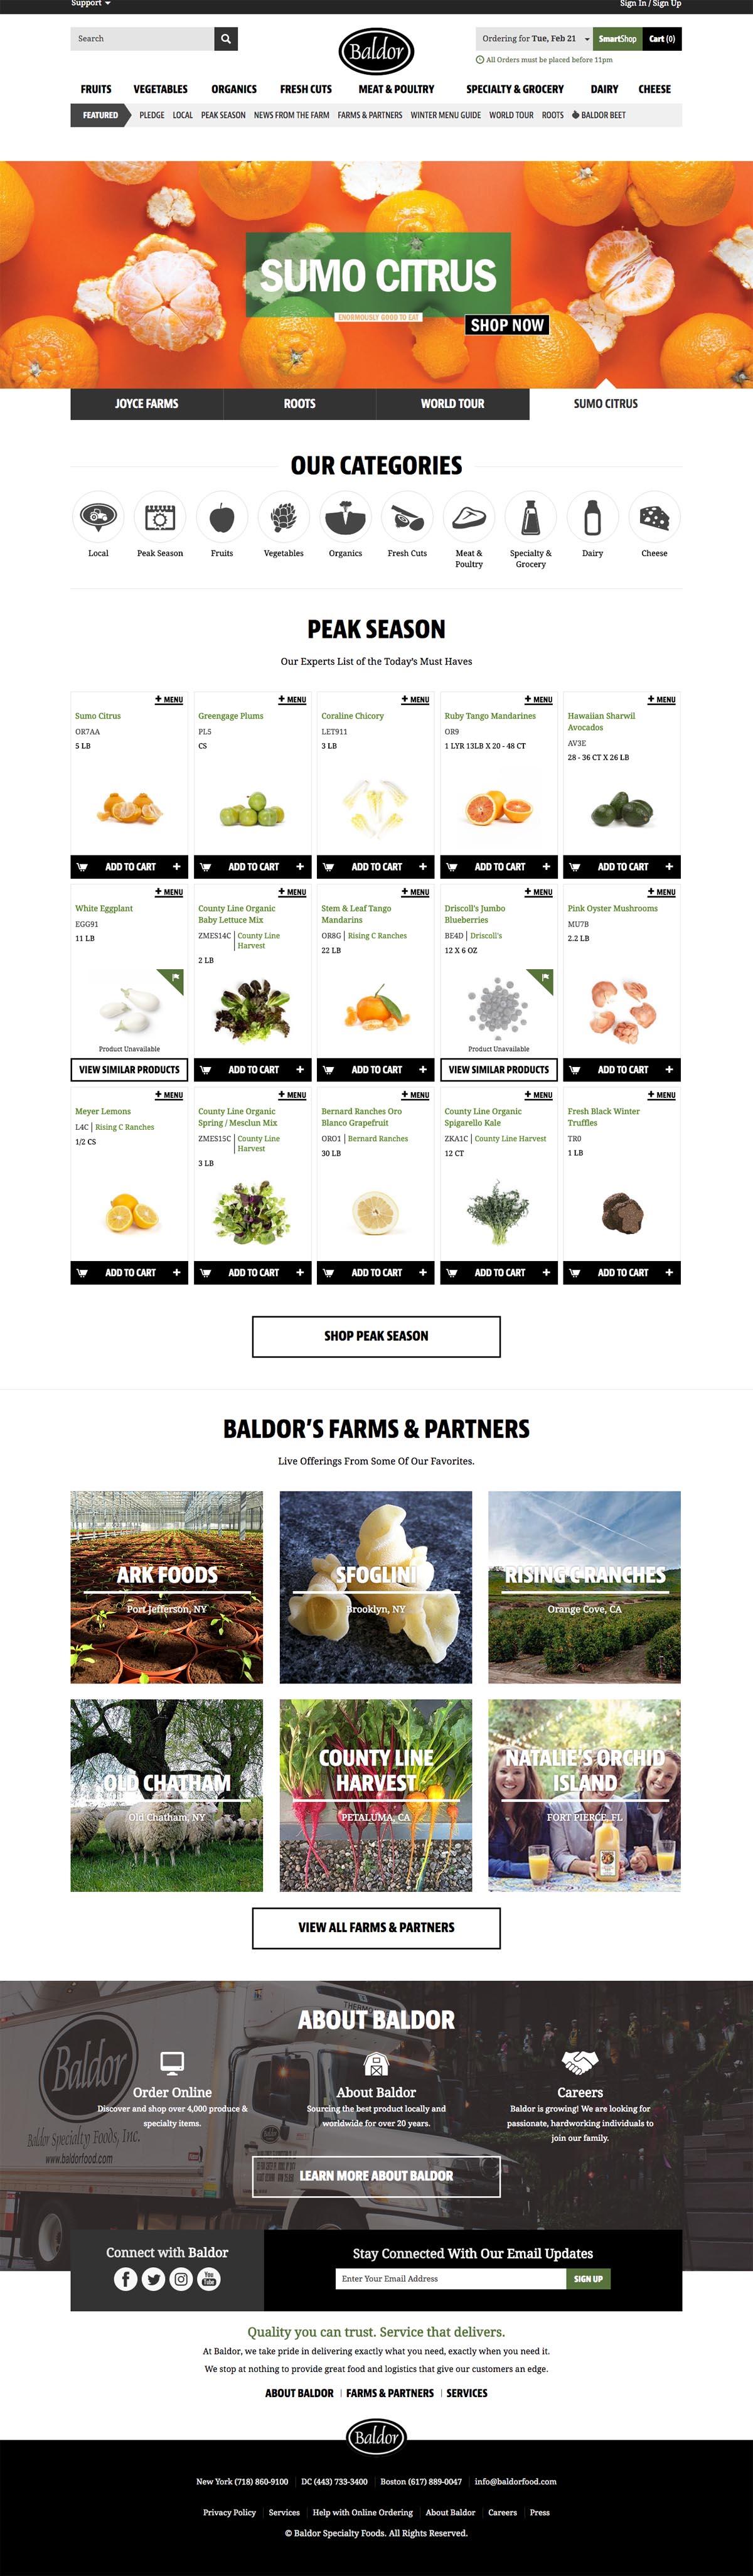 eCommerce website: Baldor